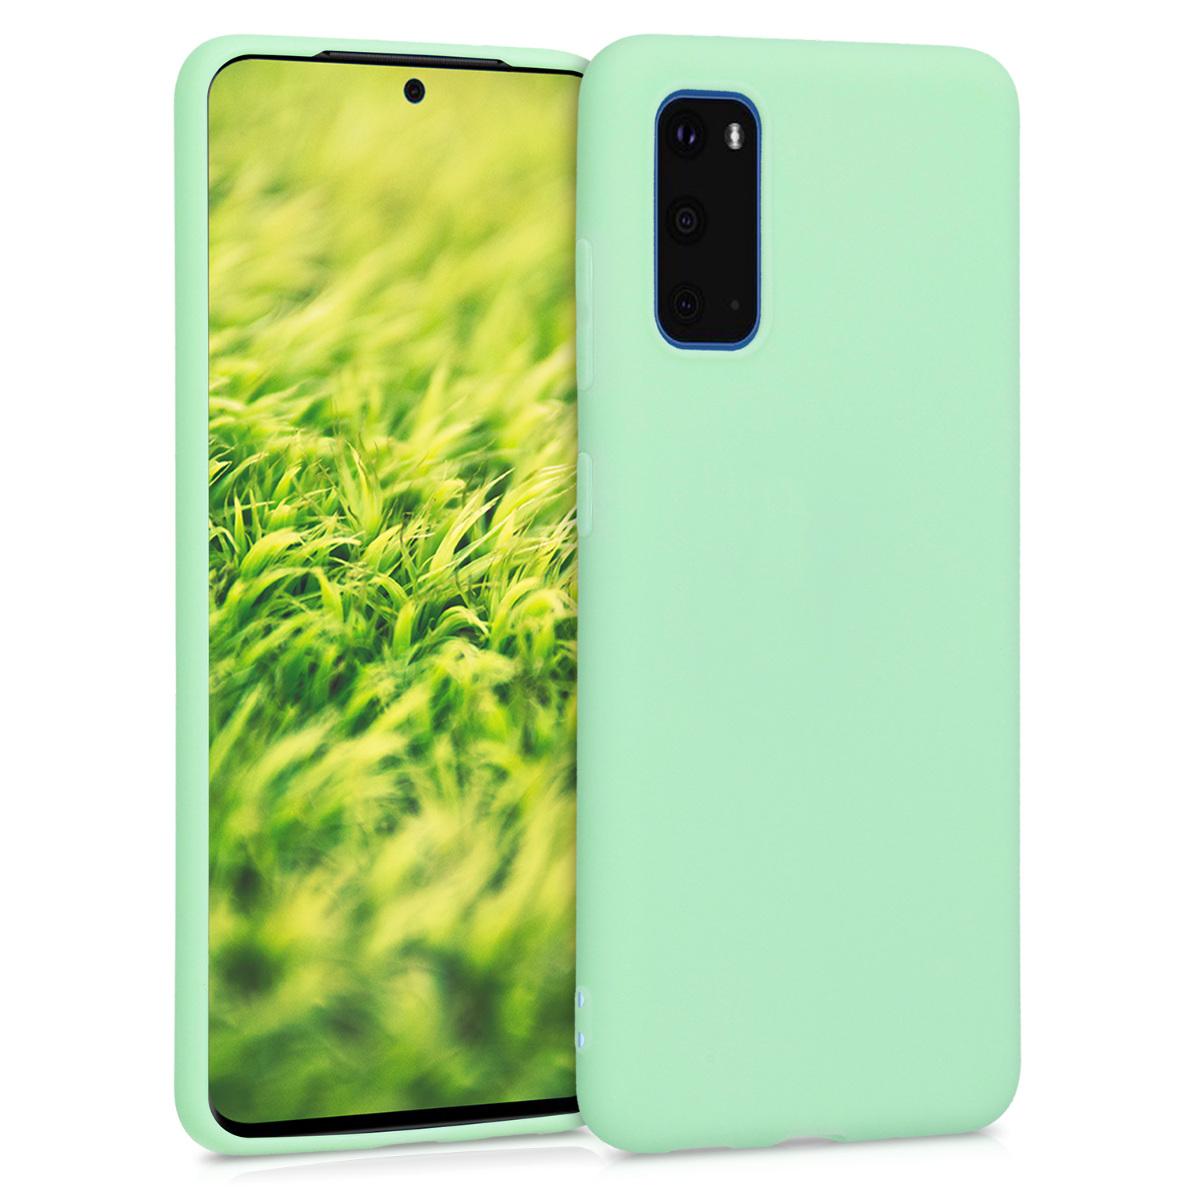 Mint zelené silikonové pouzdro / obal pro Samsung S20